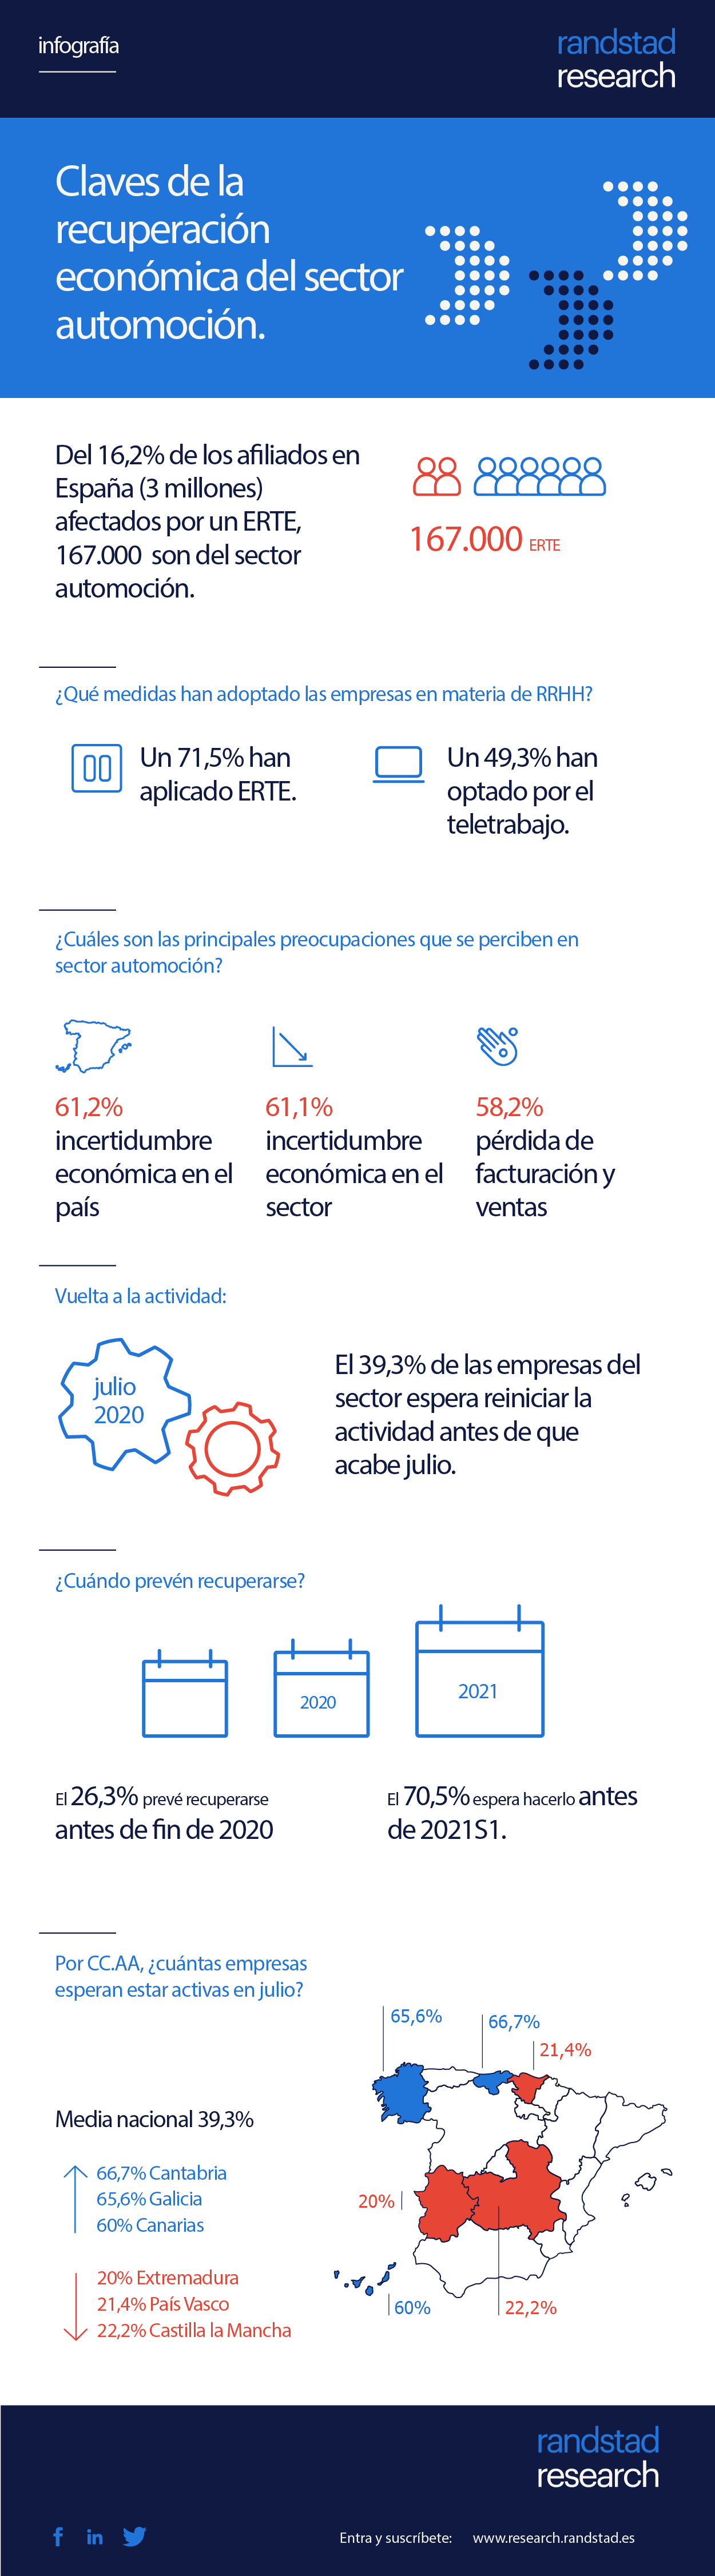 Claves de la recuperación económica del sector automoción #infografia #infographic